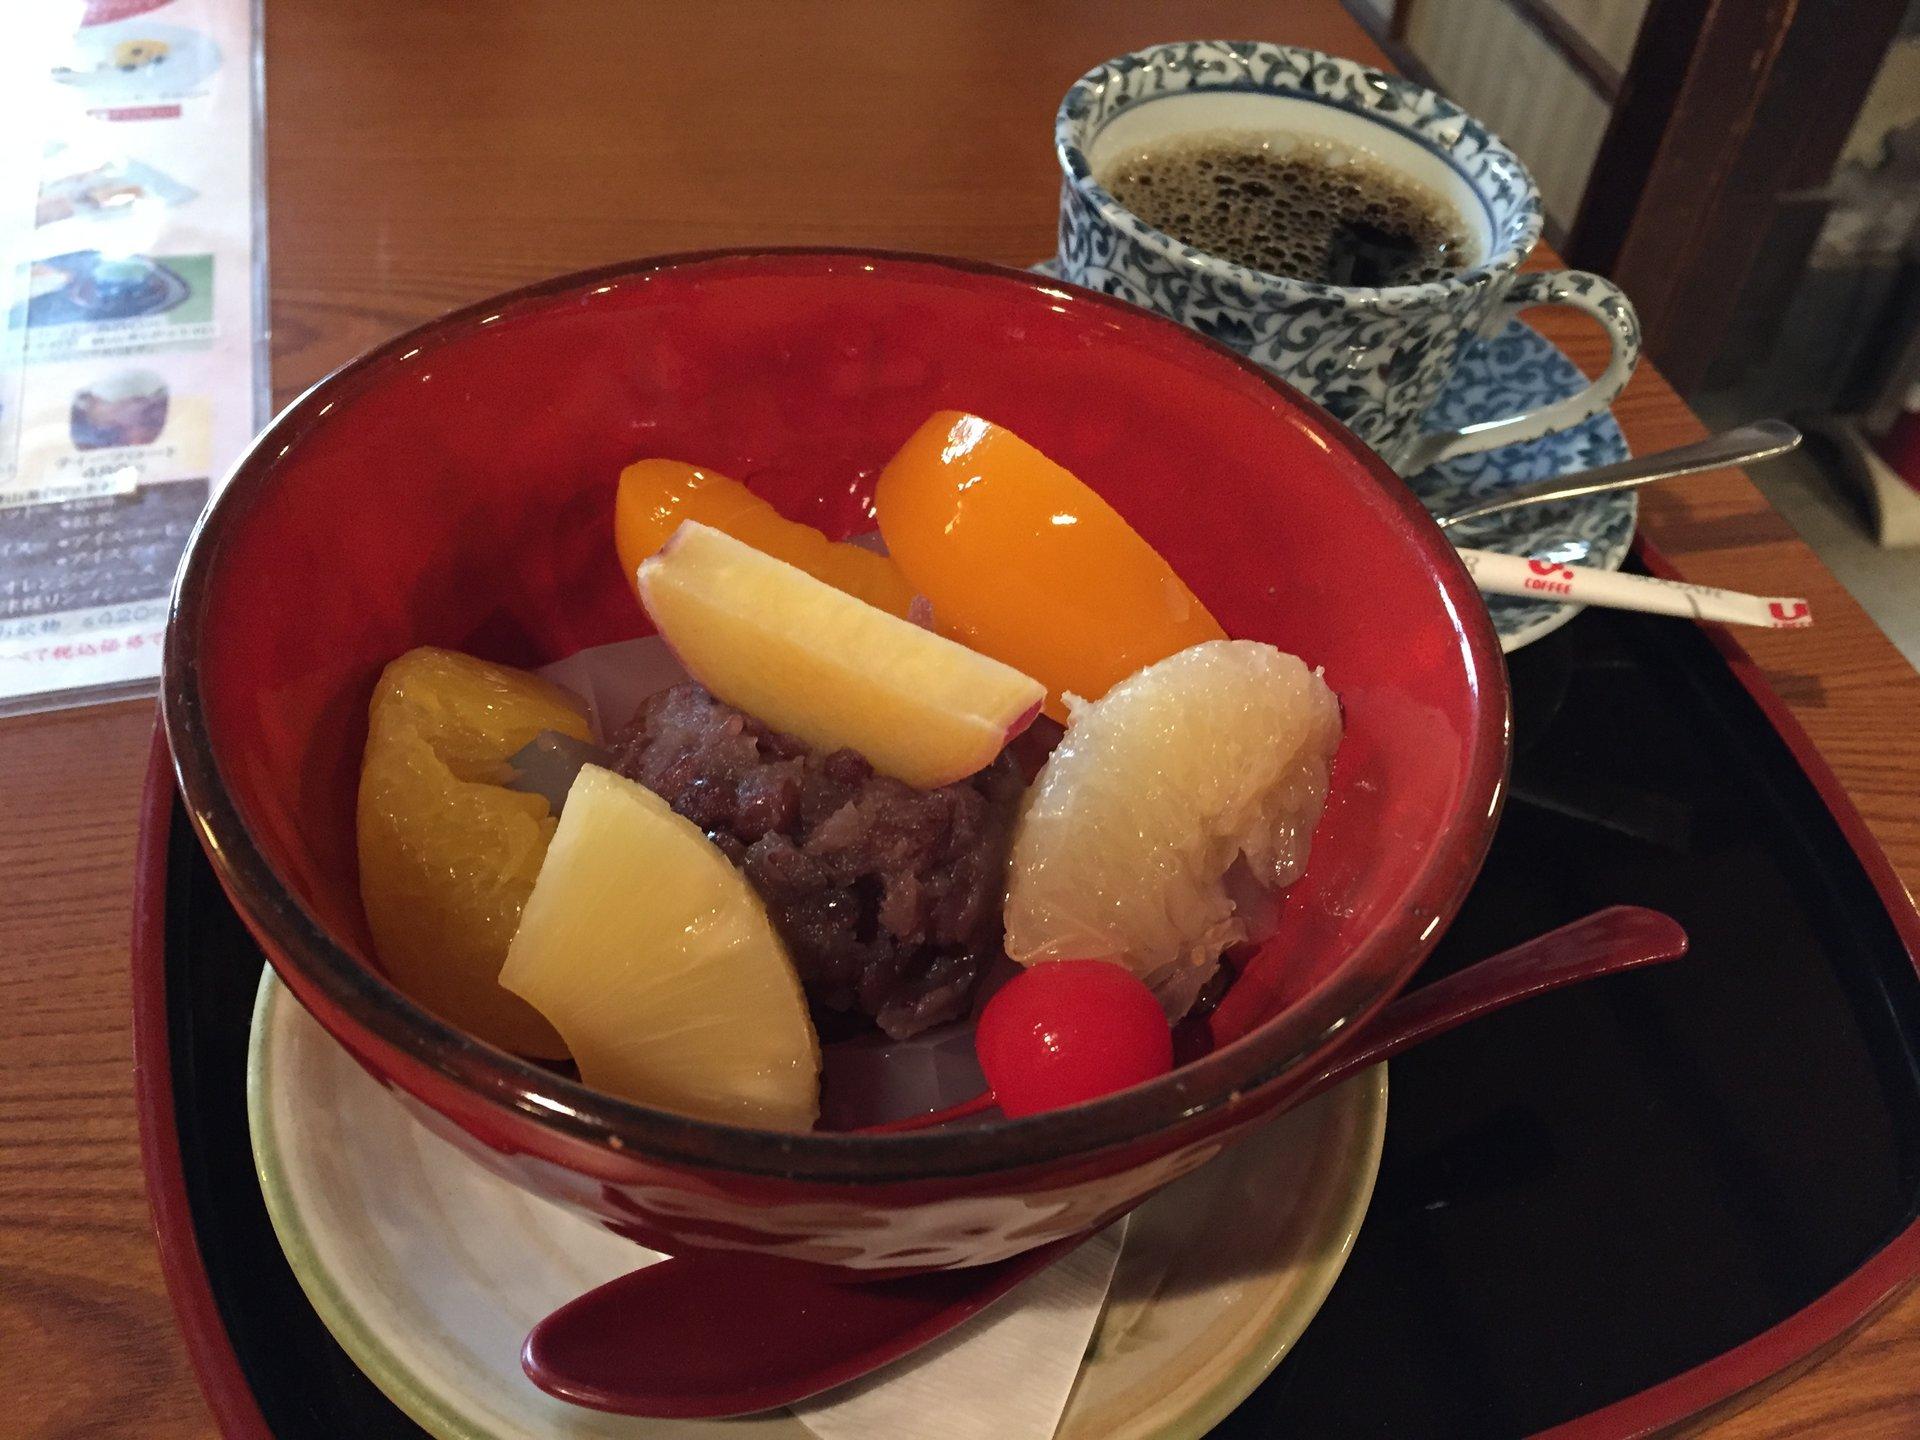 【川越で休憩したい時に行くべき和カフェ】くらづくり本舗のさつま芋Cafeへ